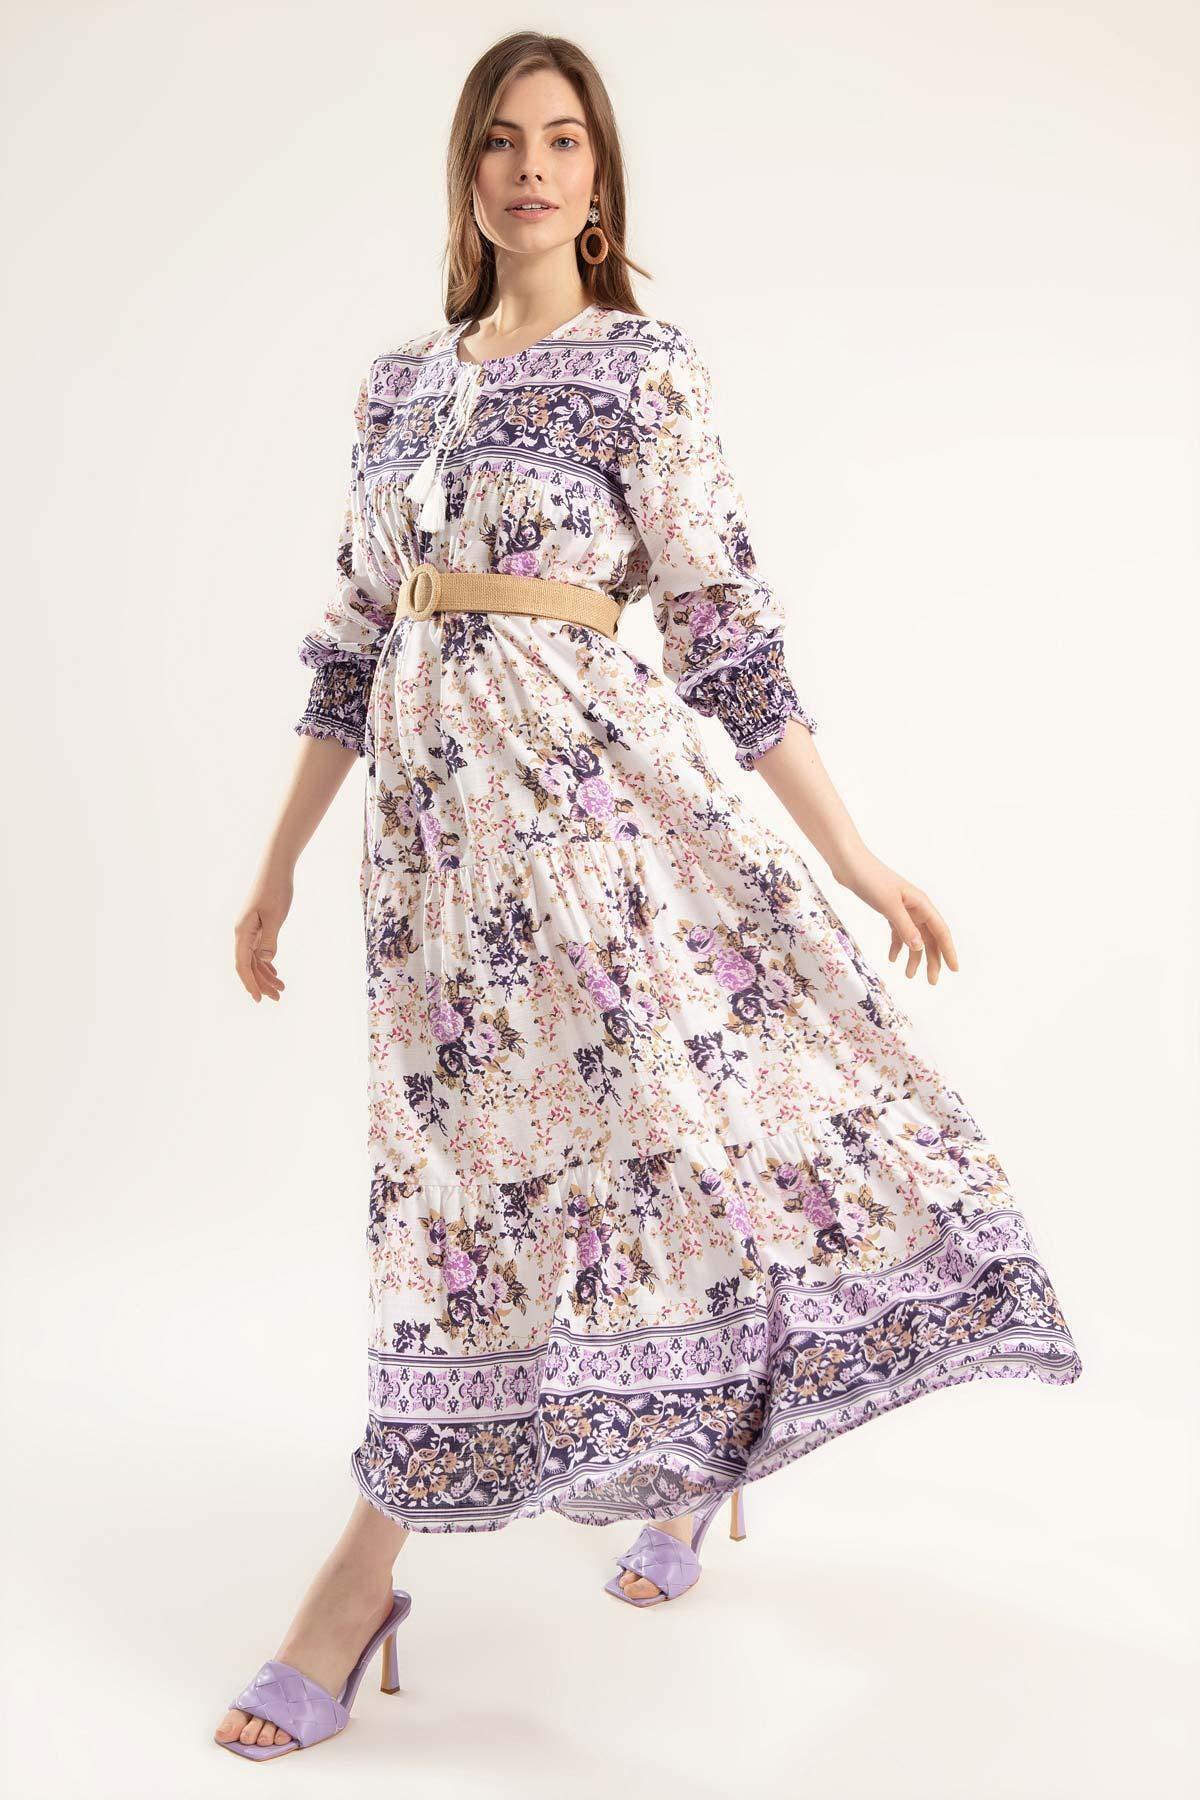 Pattaya Kadın Volanlı Çiçekli Uzun Elbise Y20s110-1947 2